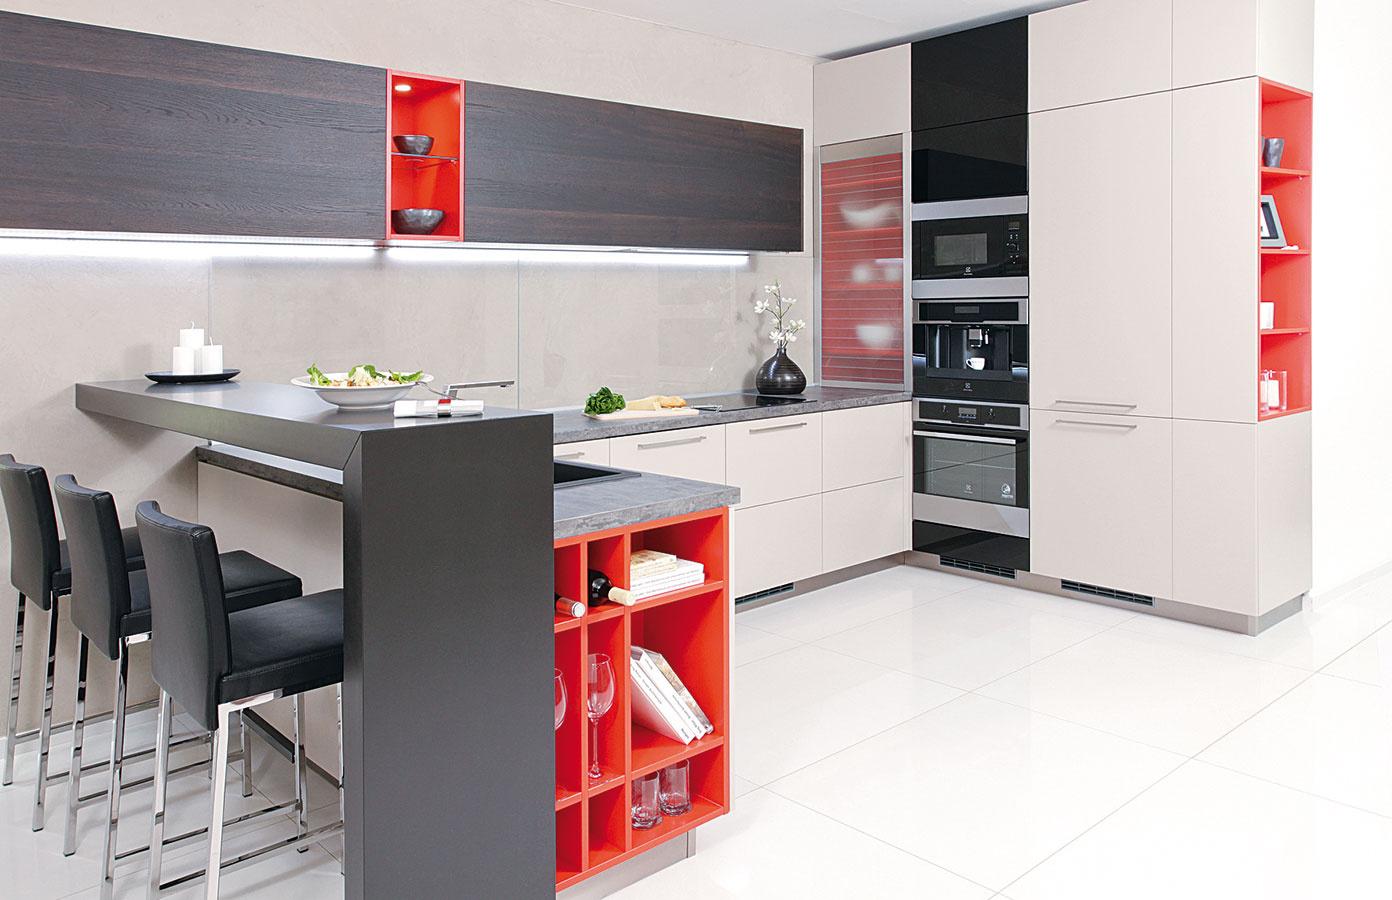 Ohnivá červená vnesie do sivej kuchyne dynamiku. Ak sa rovnaká farebnosť objaví na viacerých miestach, vnesie to do miestnosti súlad.